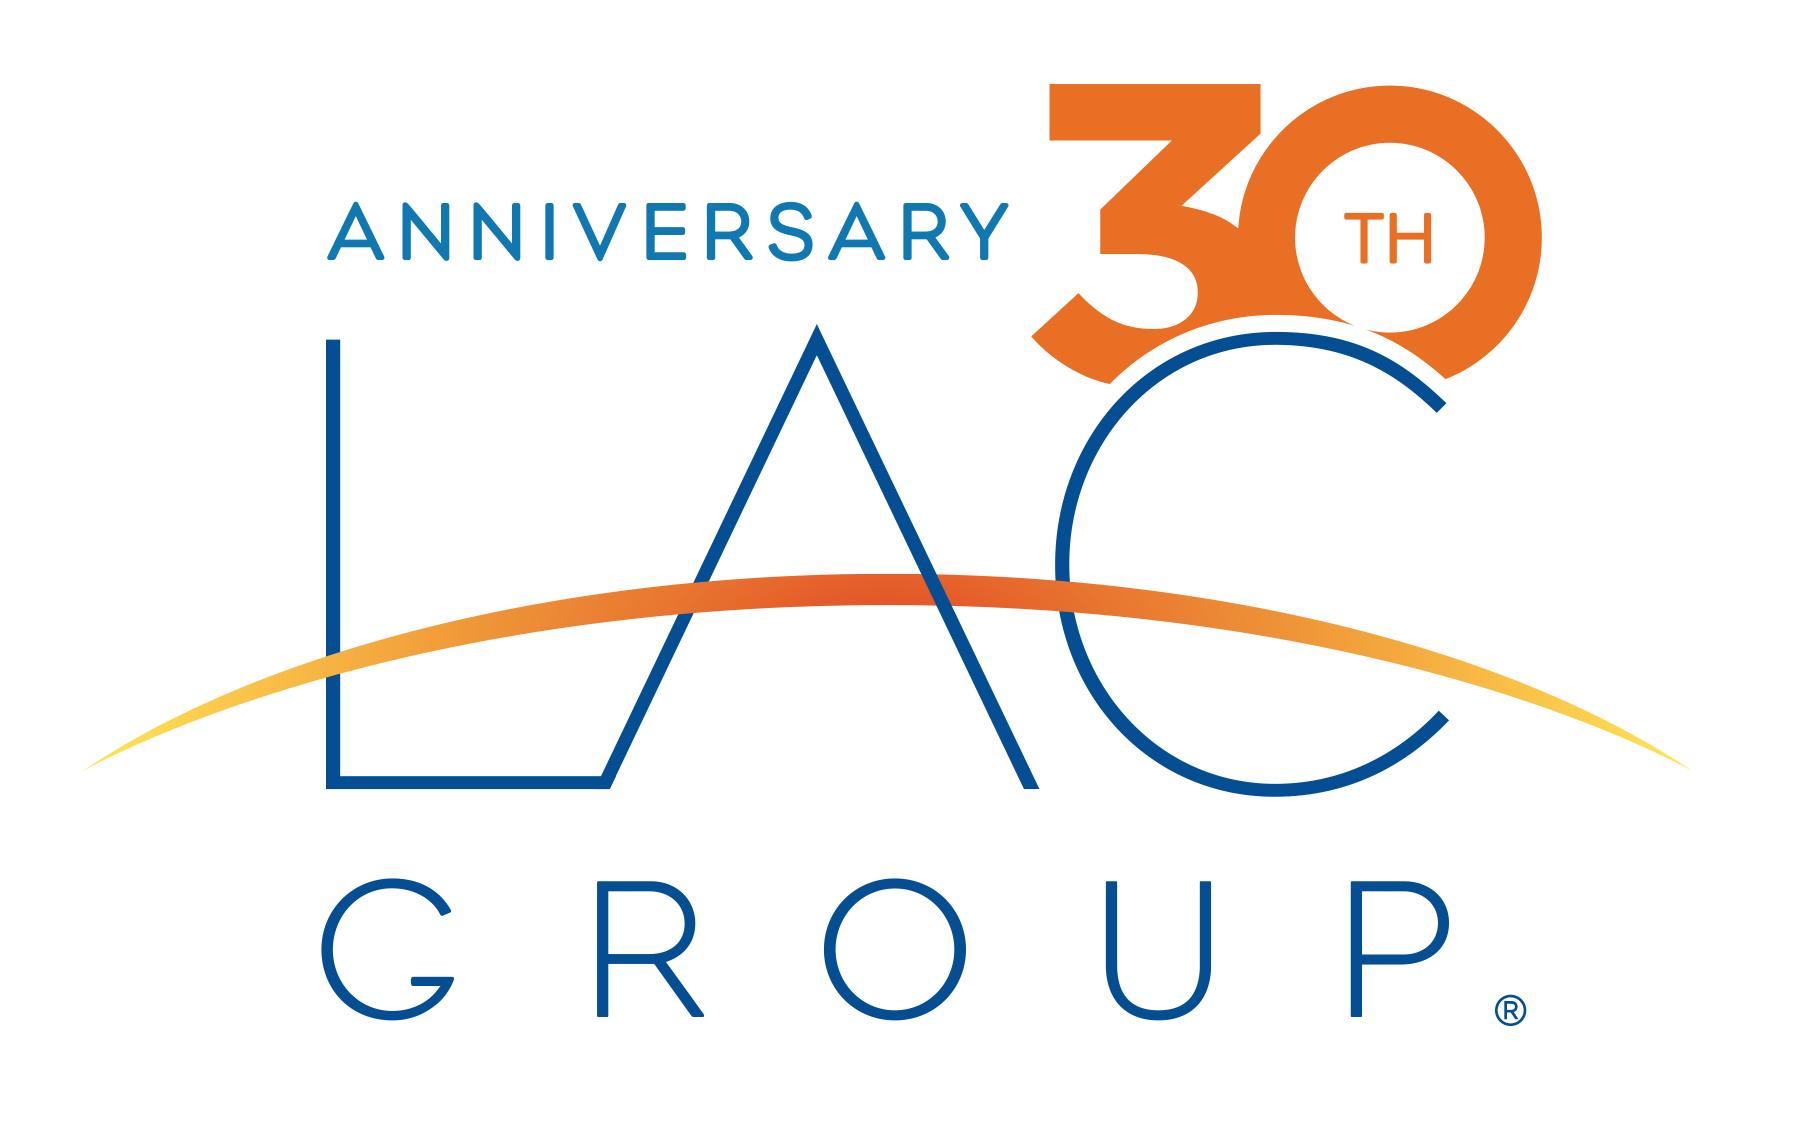 lac 30th anniversary